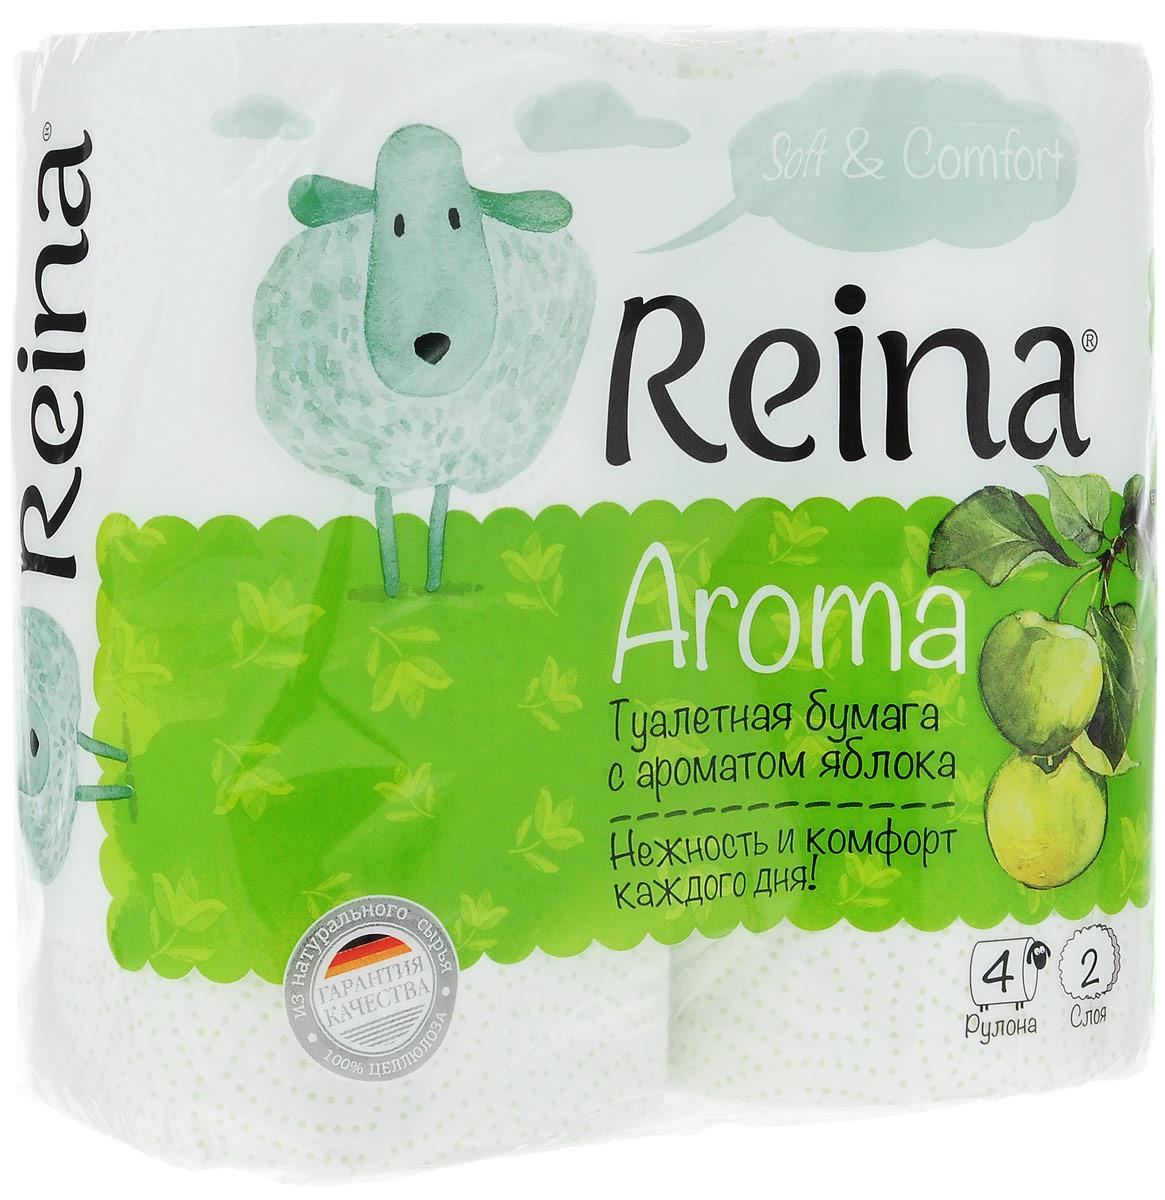 Бумага туалетная Reina Aroma. Яблоко, ароматизированная, двухслойная, 4 рулона22Ароматизированная туалетная бумага Reina Aroma. Яблоко выполнена из натуральной целлюлозы и обладает приятным ароматом яблока. Двухслойная туалетная бумага мягкая, нежная, но в тоже время прочная. Листы имеют рисунок с перфорацией. Длина рулона: 18 м. Количество листов: 156 шт. Количество слоев: 2. Размер листа: 11,5 х 9,4 см. Состав: 100% целлюлоза.